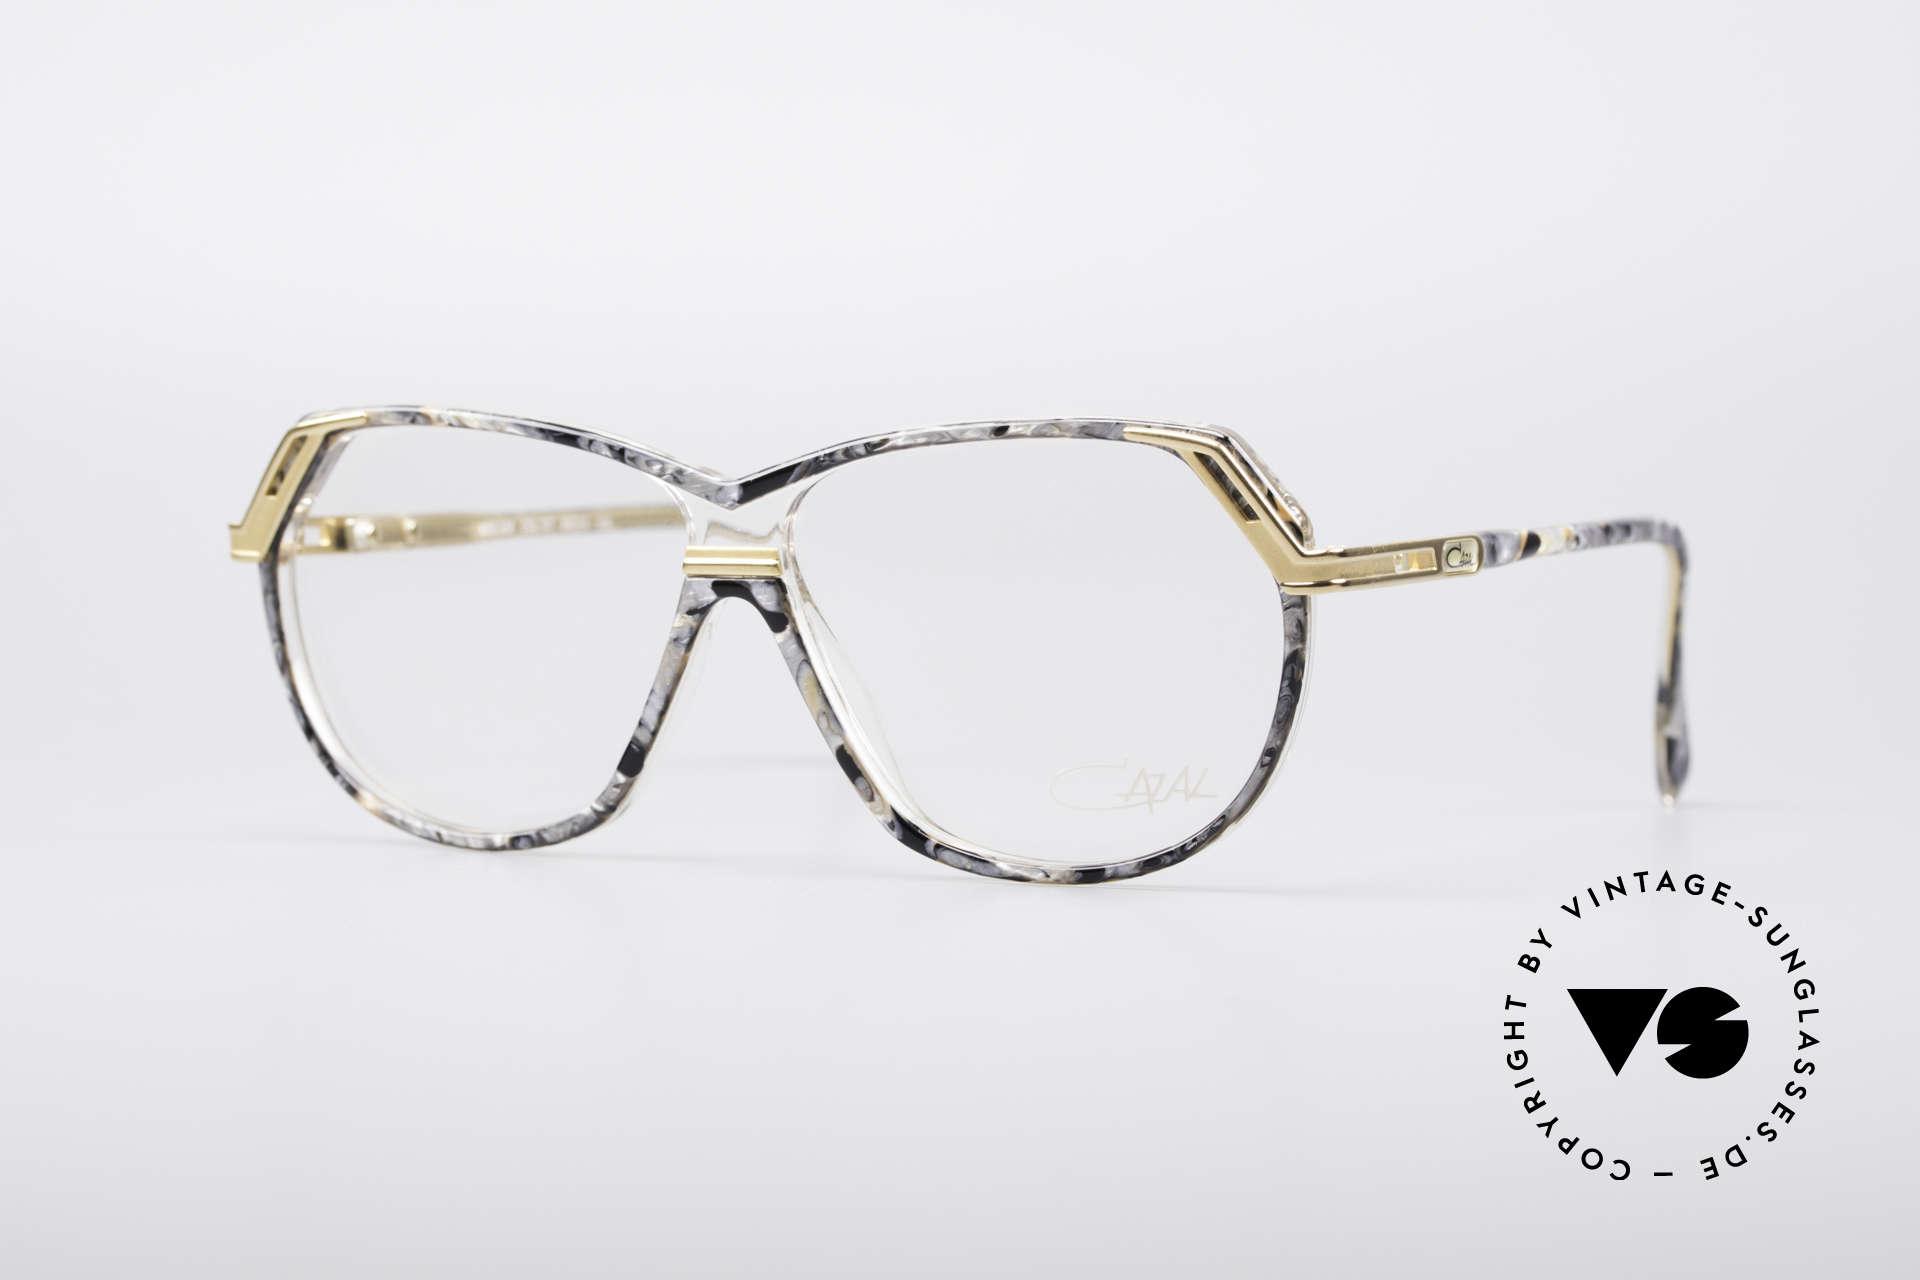 Cazal 339 No Retro 90er Vintage Brille, grandiose Cazal Designerbrille aus den 90ern, Passend für Damen